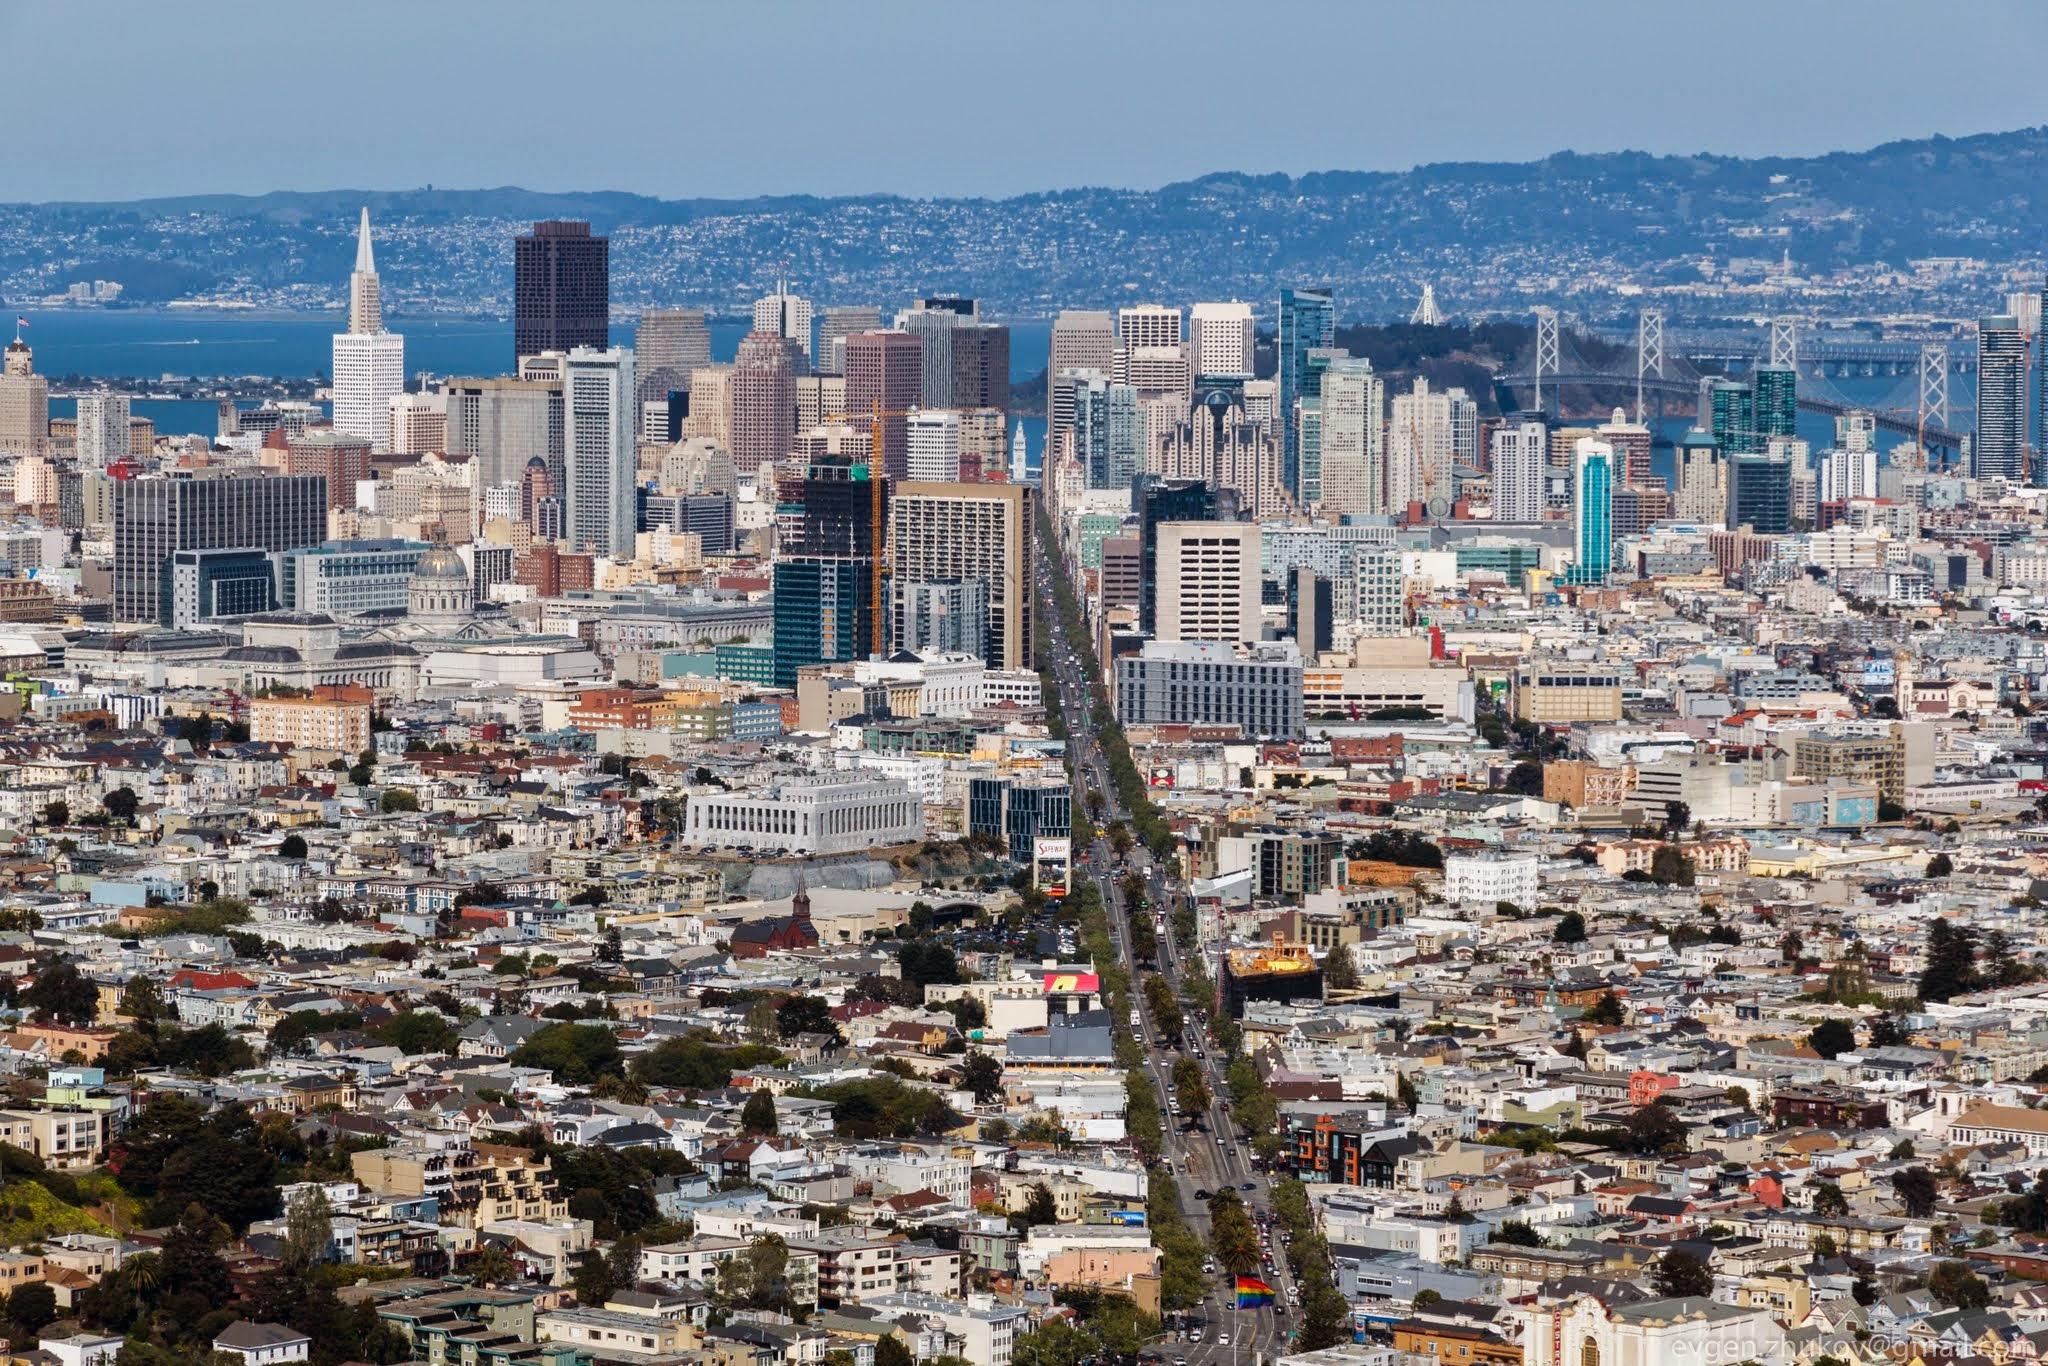 От запада до востока: что посмотреть в Сан-Франциско и как не разориться в Лас-Вегасе